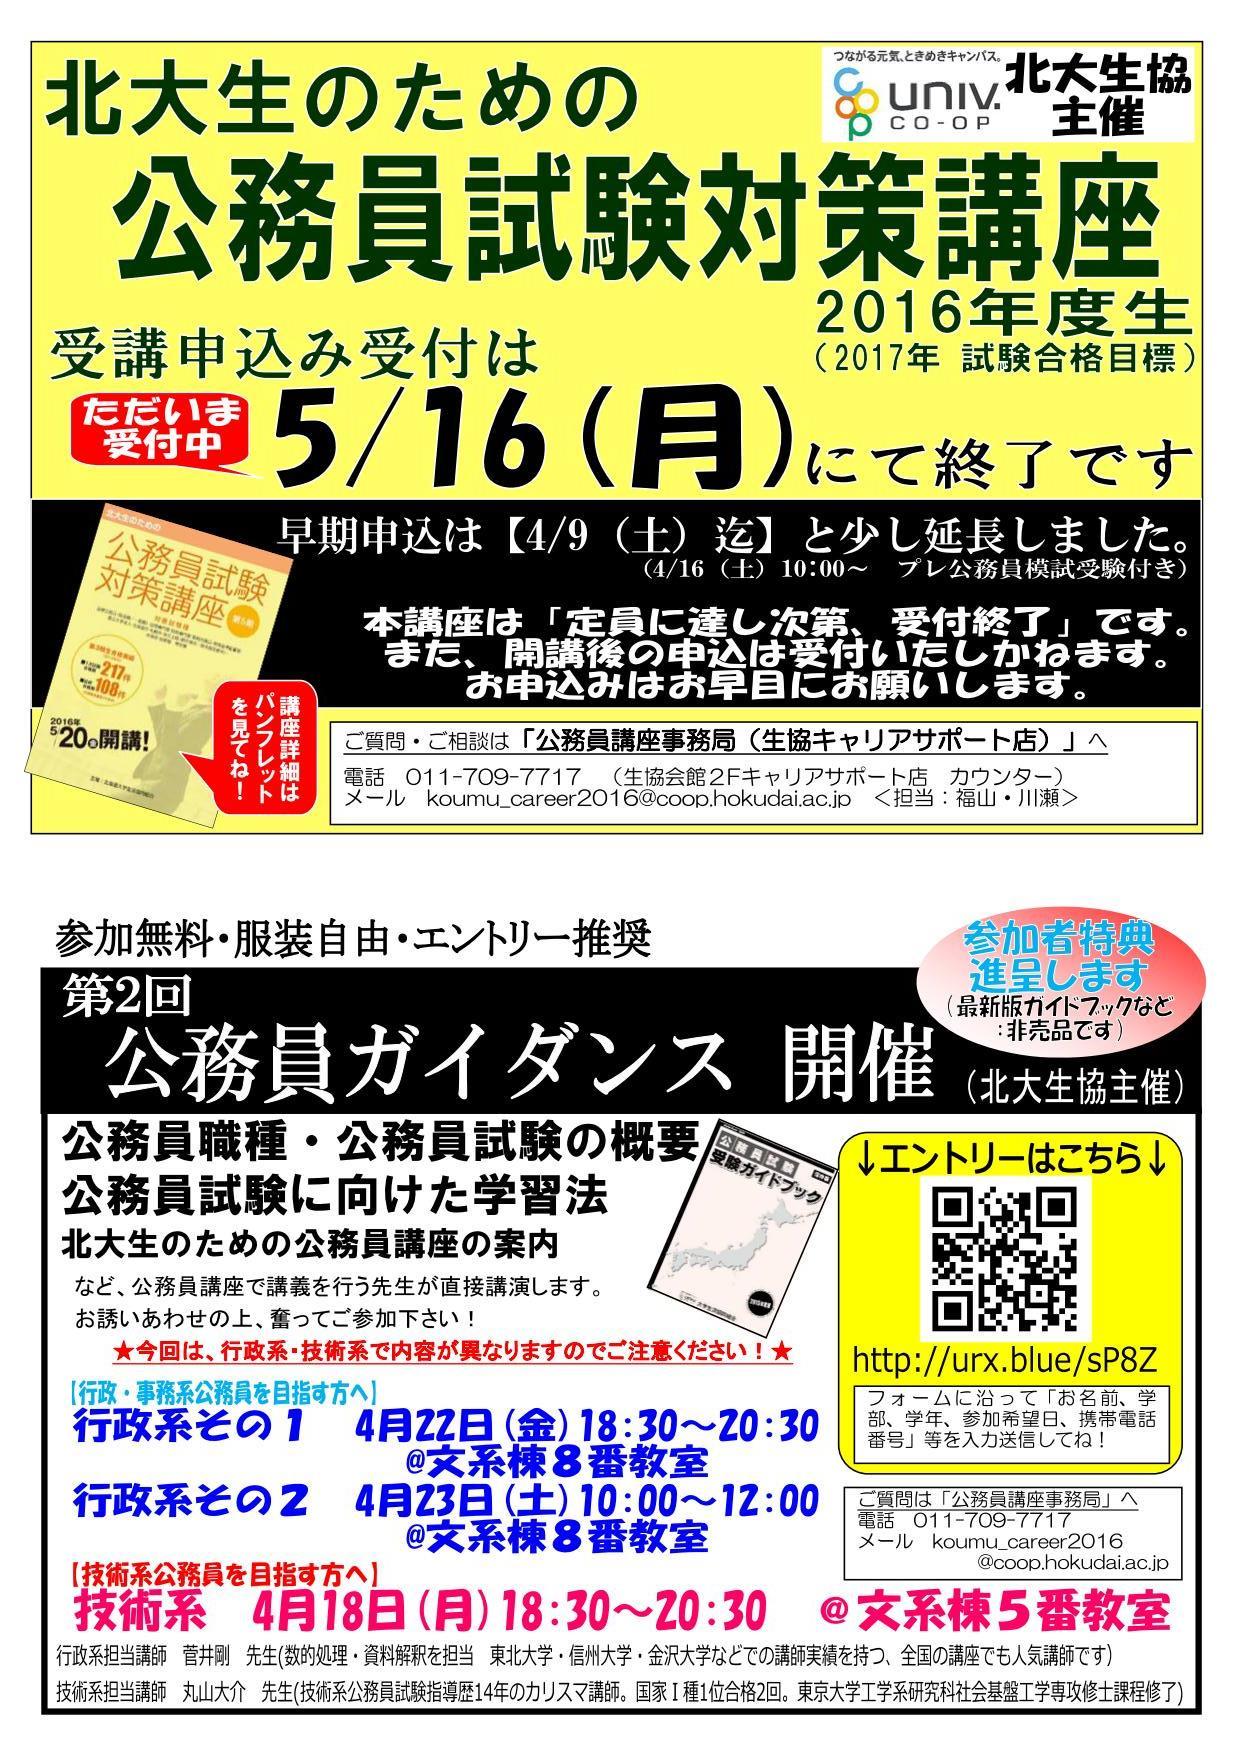 1604ガイダンス周知 三角POP_01